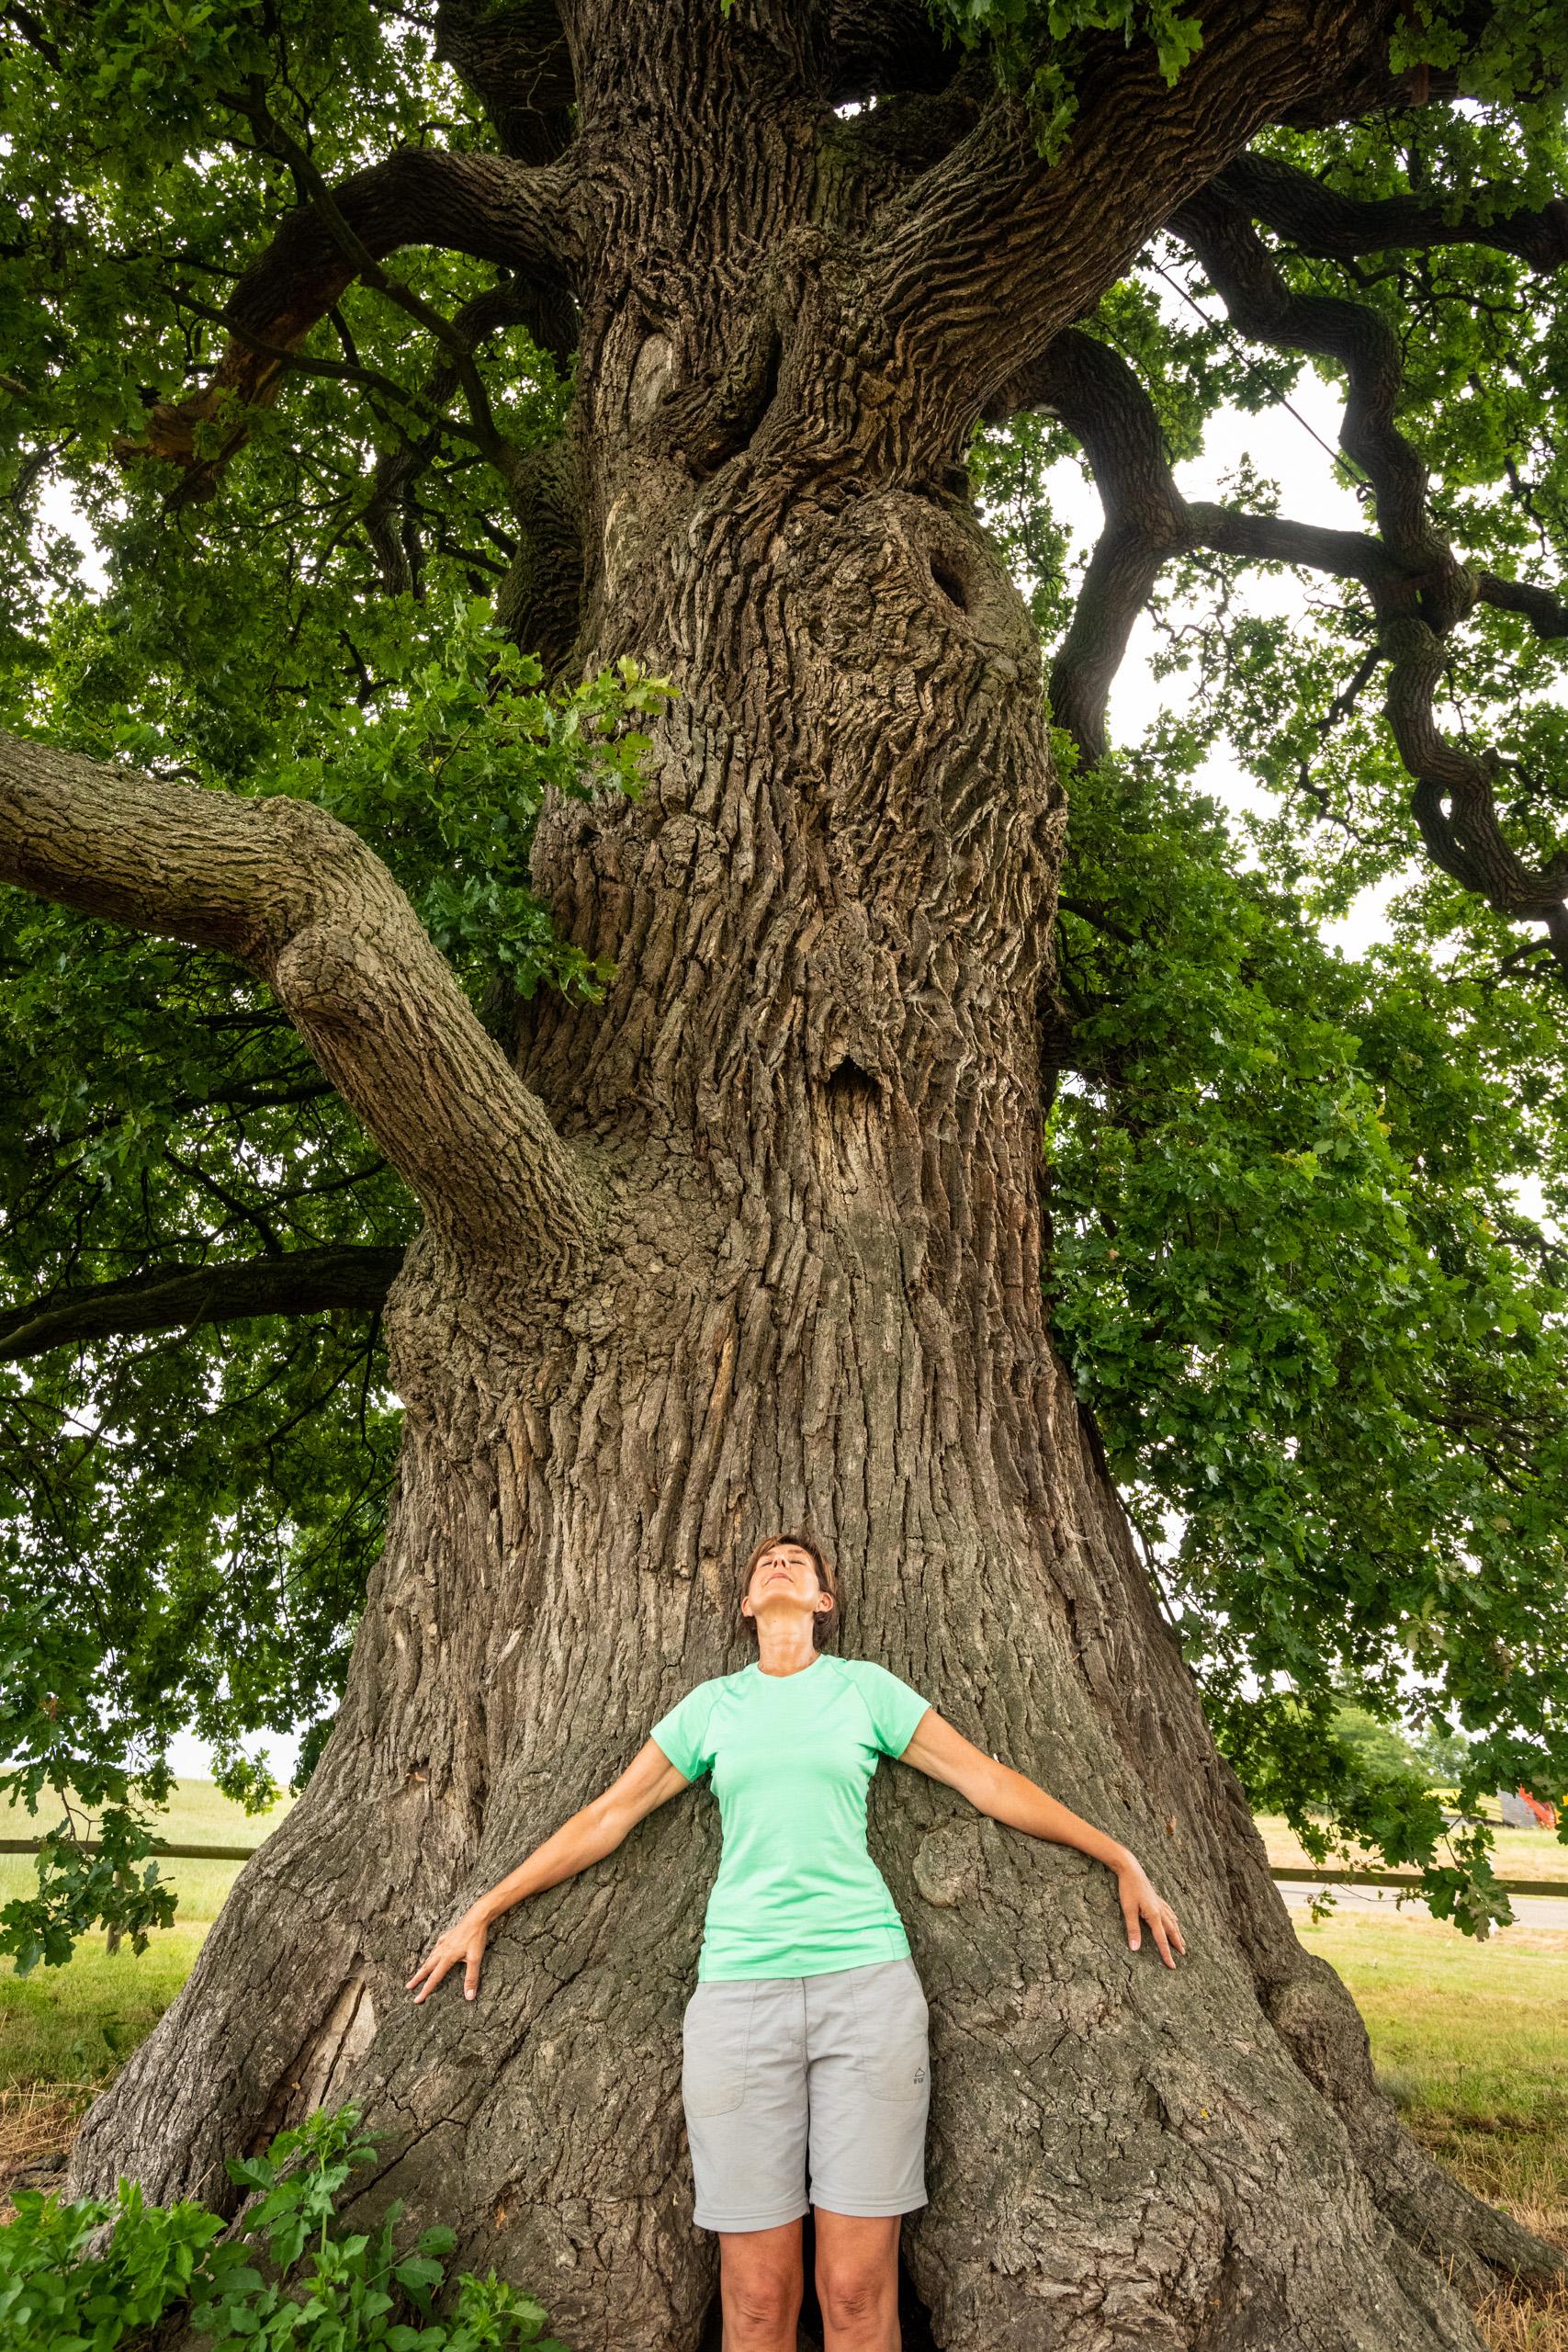 Eins mit dem Baum